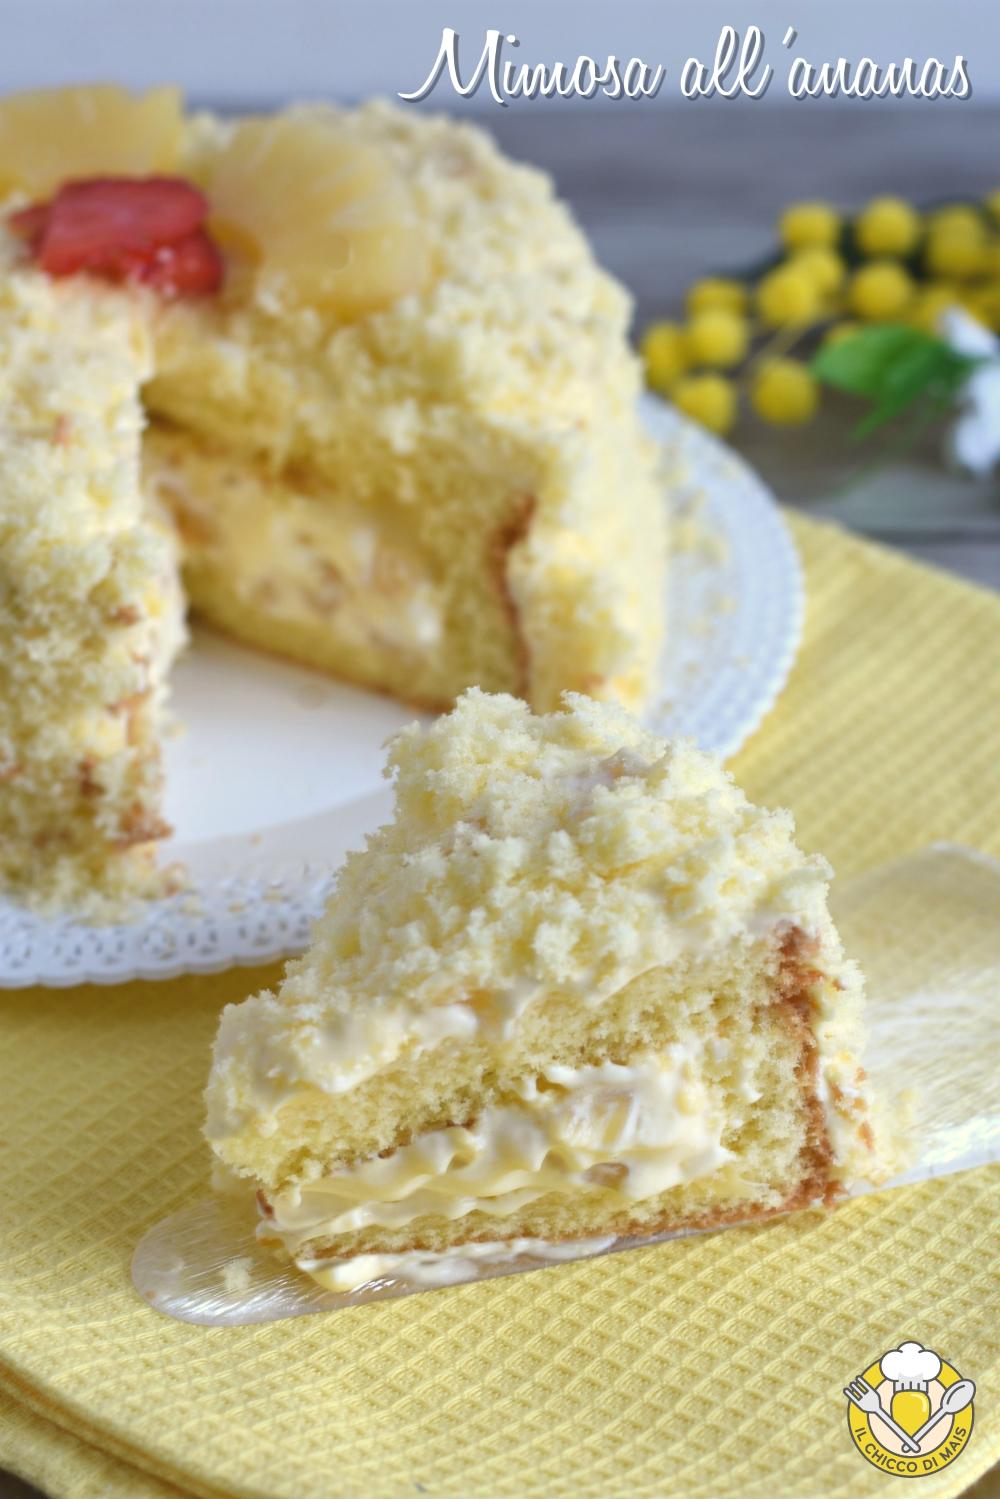 v fet_ torta mimosa all'ananas ricetta facile con foto passo passo torta di compleanno il chicco di mais